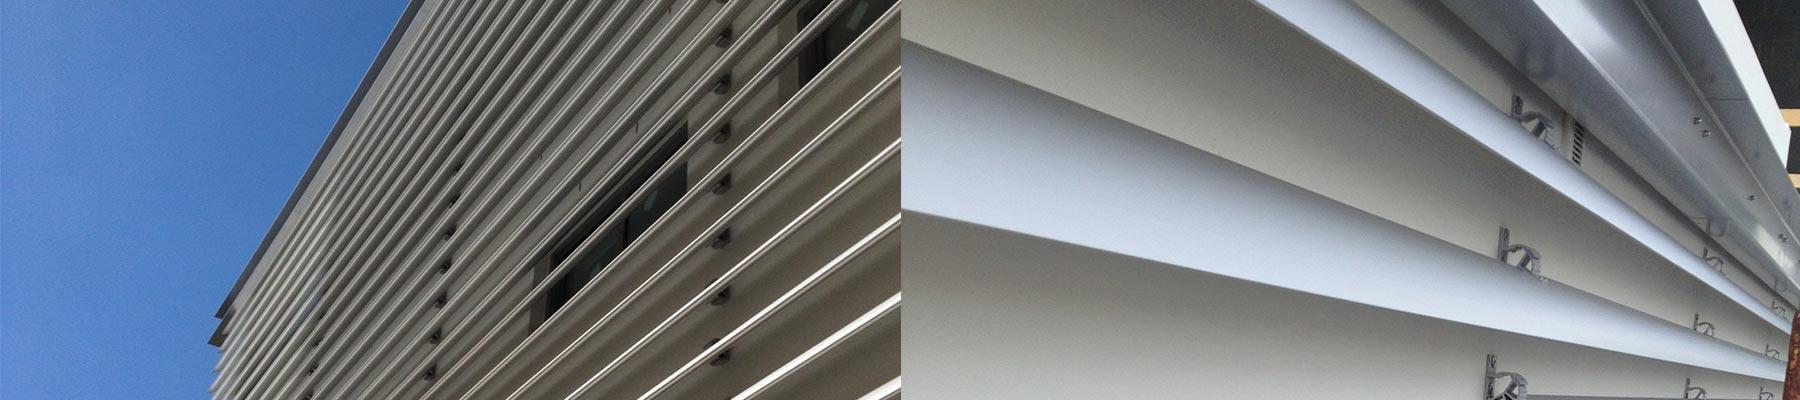 Aluminium Louvres Yarra Shade Co